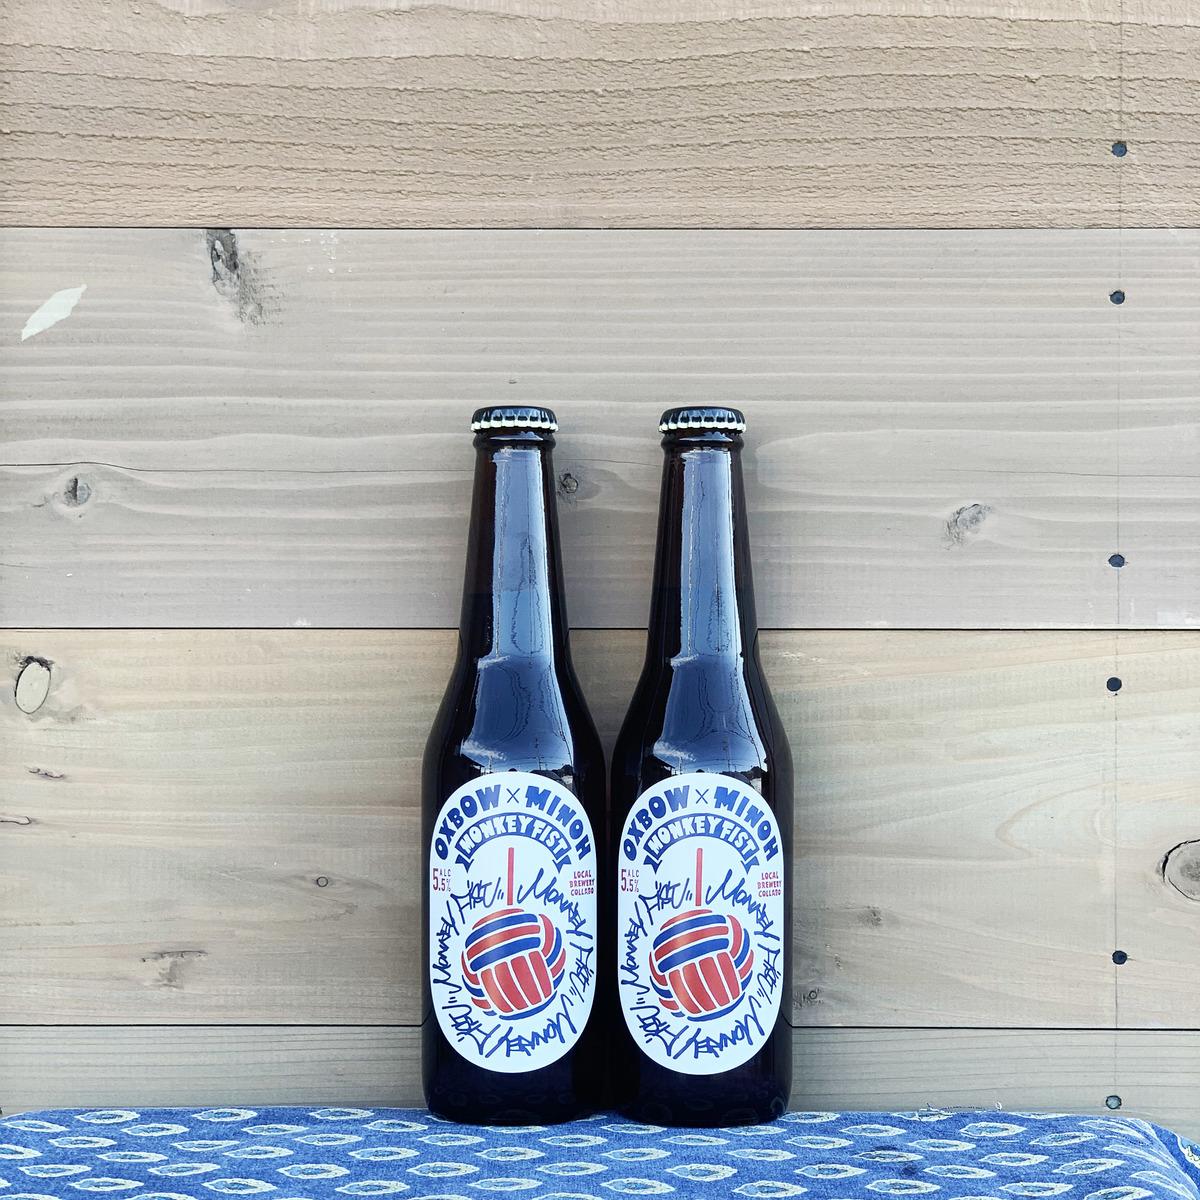 箕面ビールとOXBOWのコラボレーションビール クラシックな綺麗なビールを得意とする両者の造るイタリアンピルスナーはマストな逸品です 箕面×OXBOW コラボレーション ビール Monkey Fist 2本セット OXBOW ※要クール便 クラフトビール - 新作入荷 有料 箕面ビール アメリカ おすすめ ピルスナー